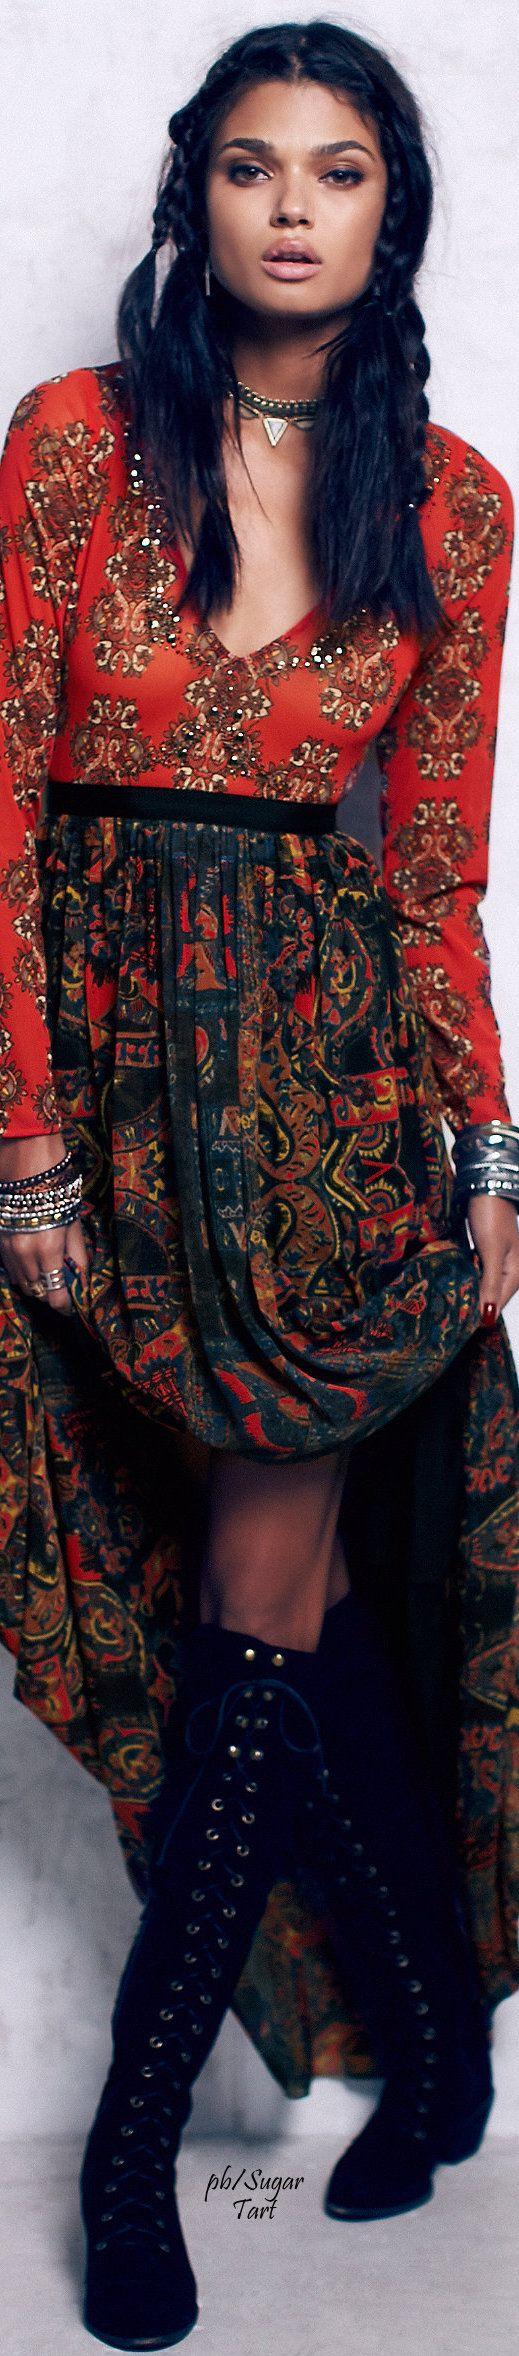 ↣✧❂✧ TatiTati Style ✧❂✧↢ Любовта цвета / модел в тази Boho рокля !: